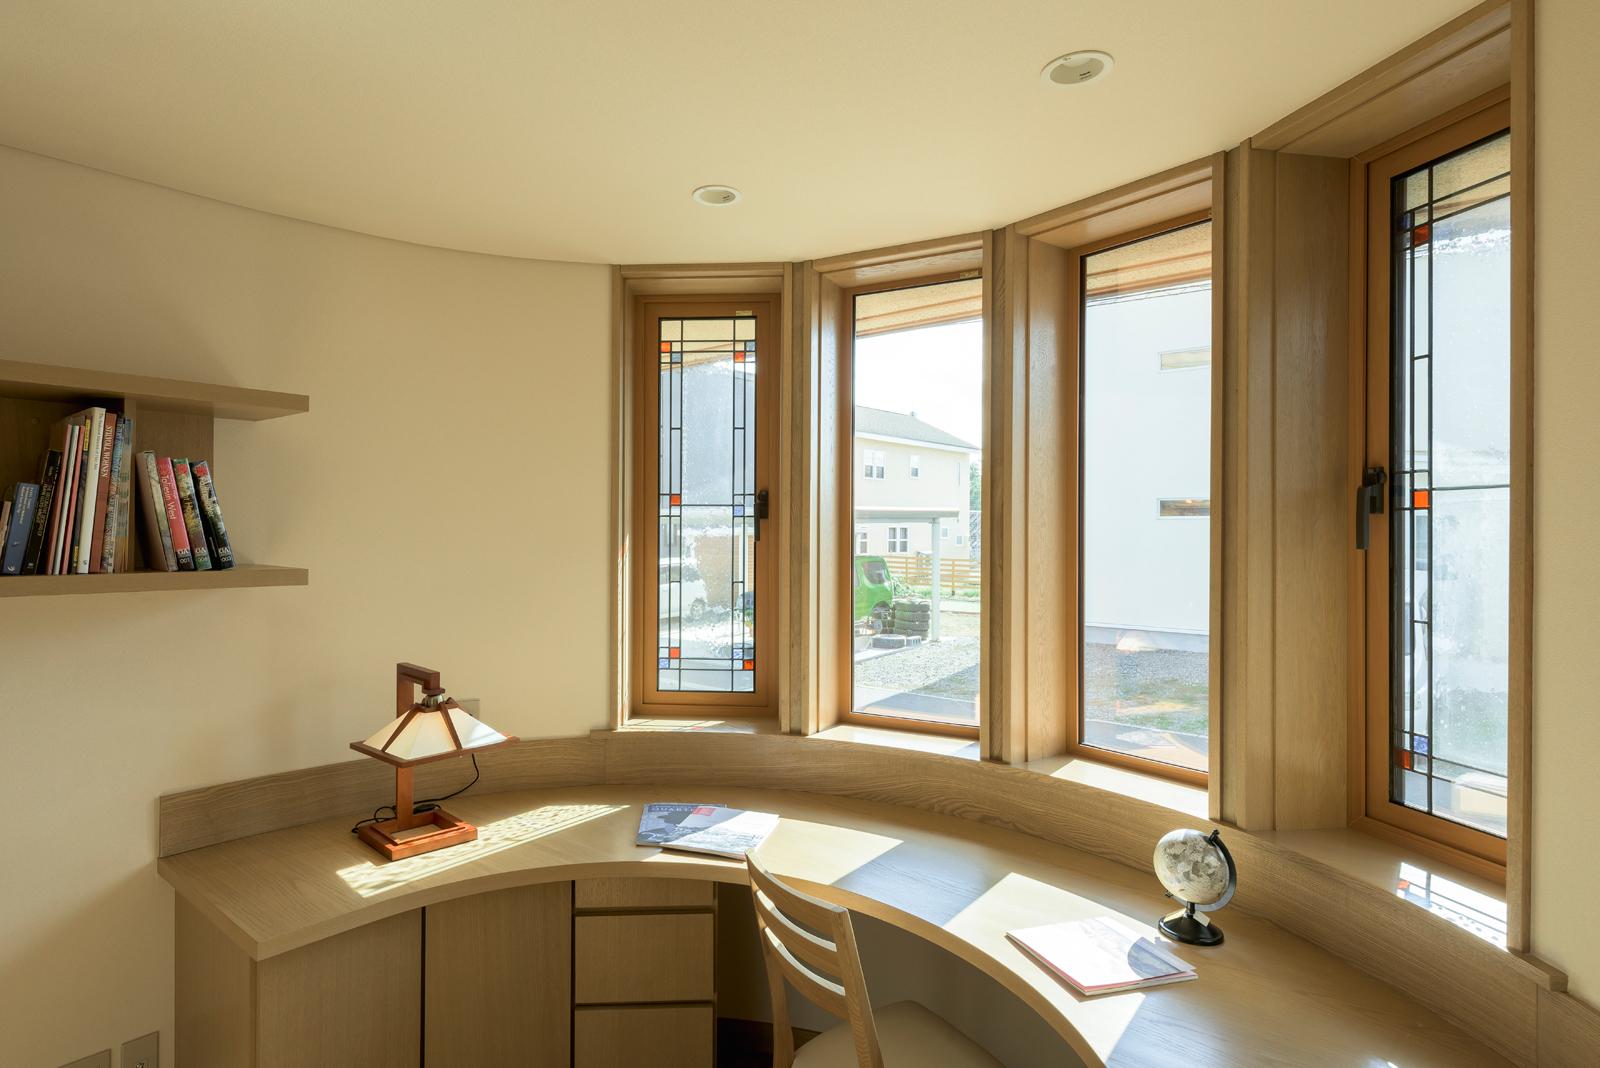 ファサードのポイントにもなっている優美なアールの内側は、書斎。その曲線に添うように、両サイドにステンドグラスを配した連続窓をしつらえ、デスクを造作した